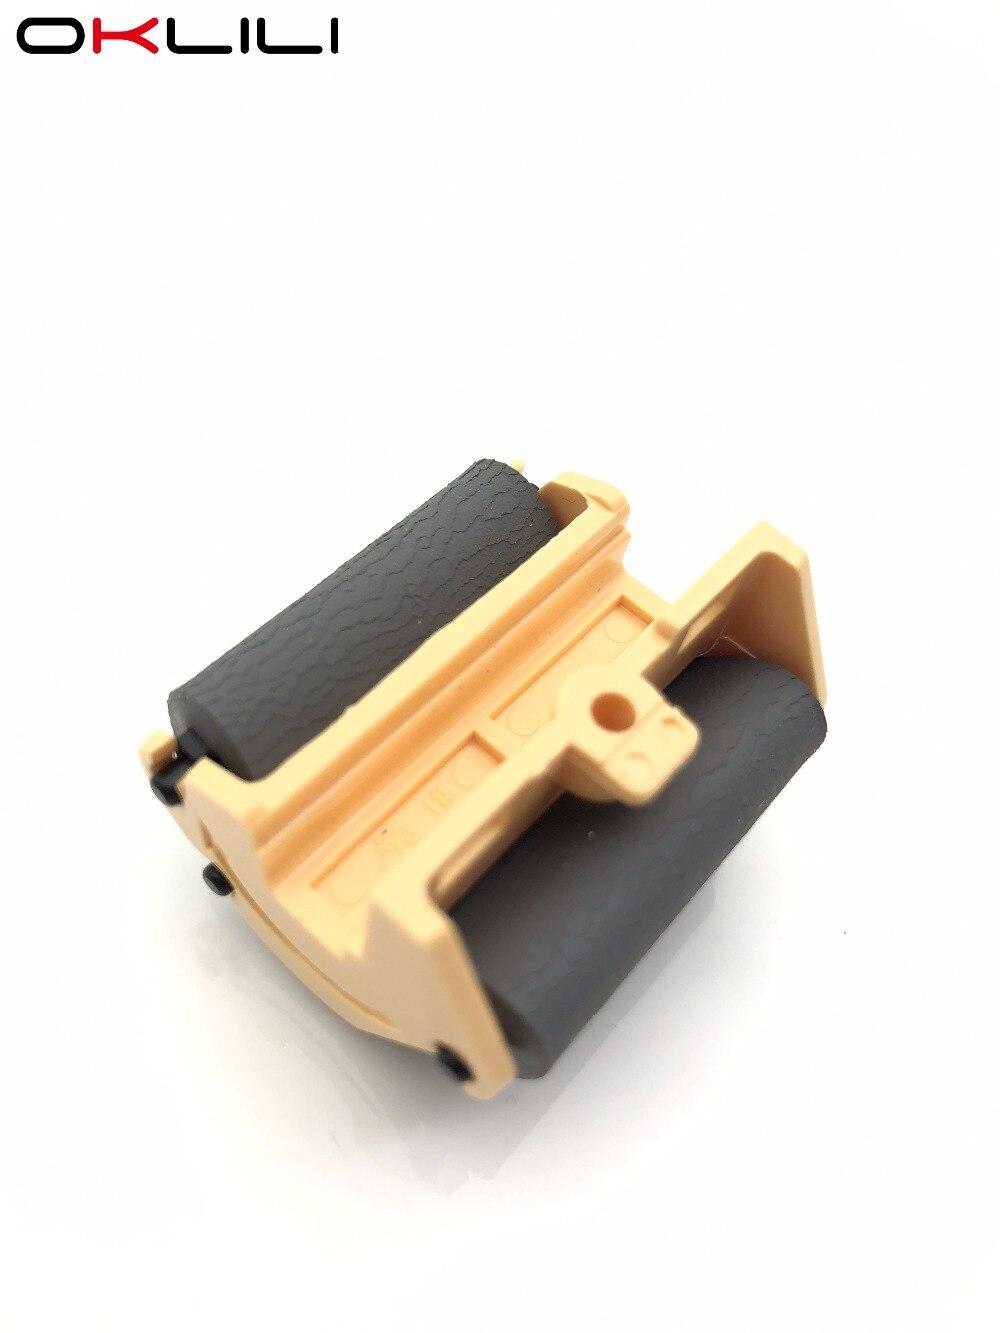 1X JC93-00087A ролик для samsung ML1910 ML1913 ML1915 ML2525 ML2540 ML2545 ML2580 ML2850 SF650 SCX4600 SCX4623